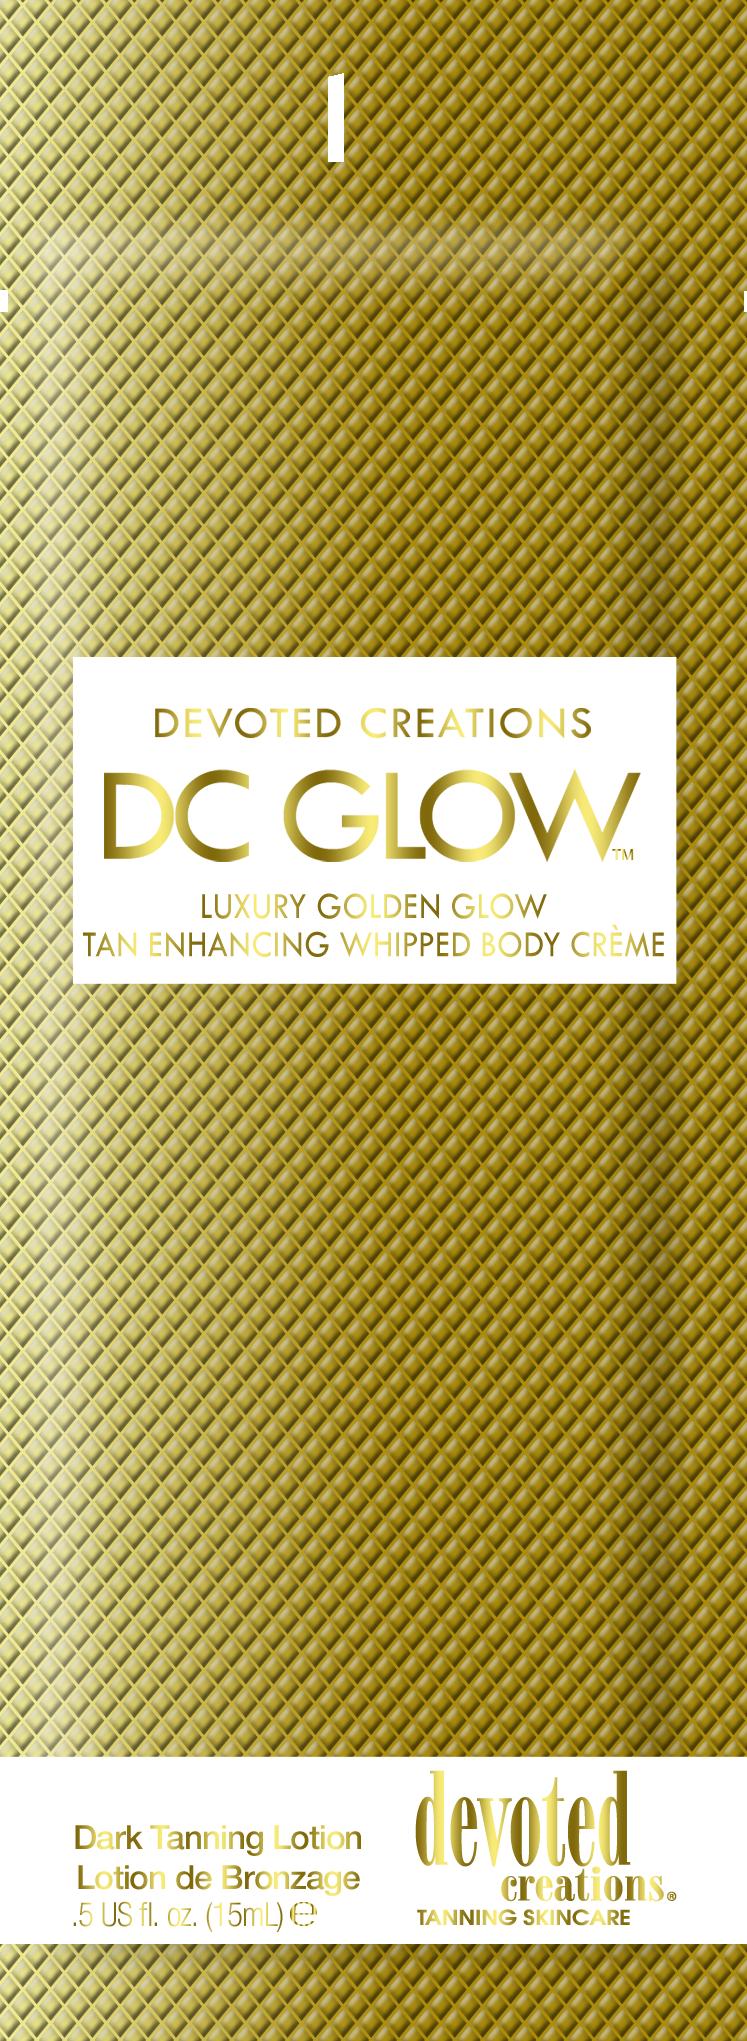 DC Glow™ Pkt